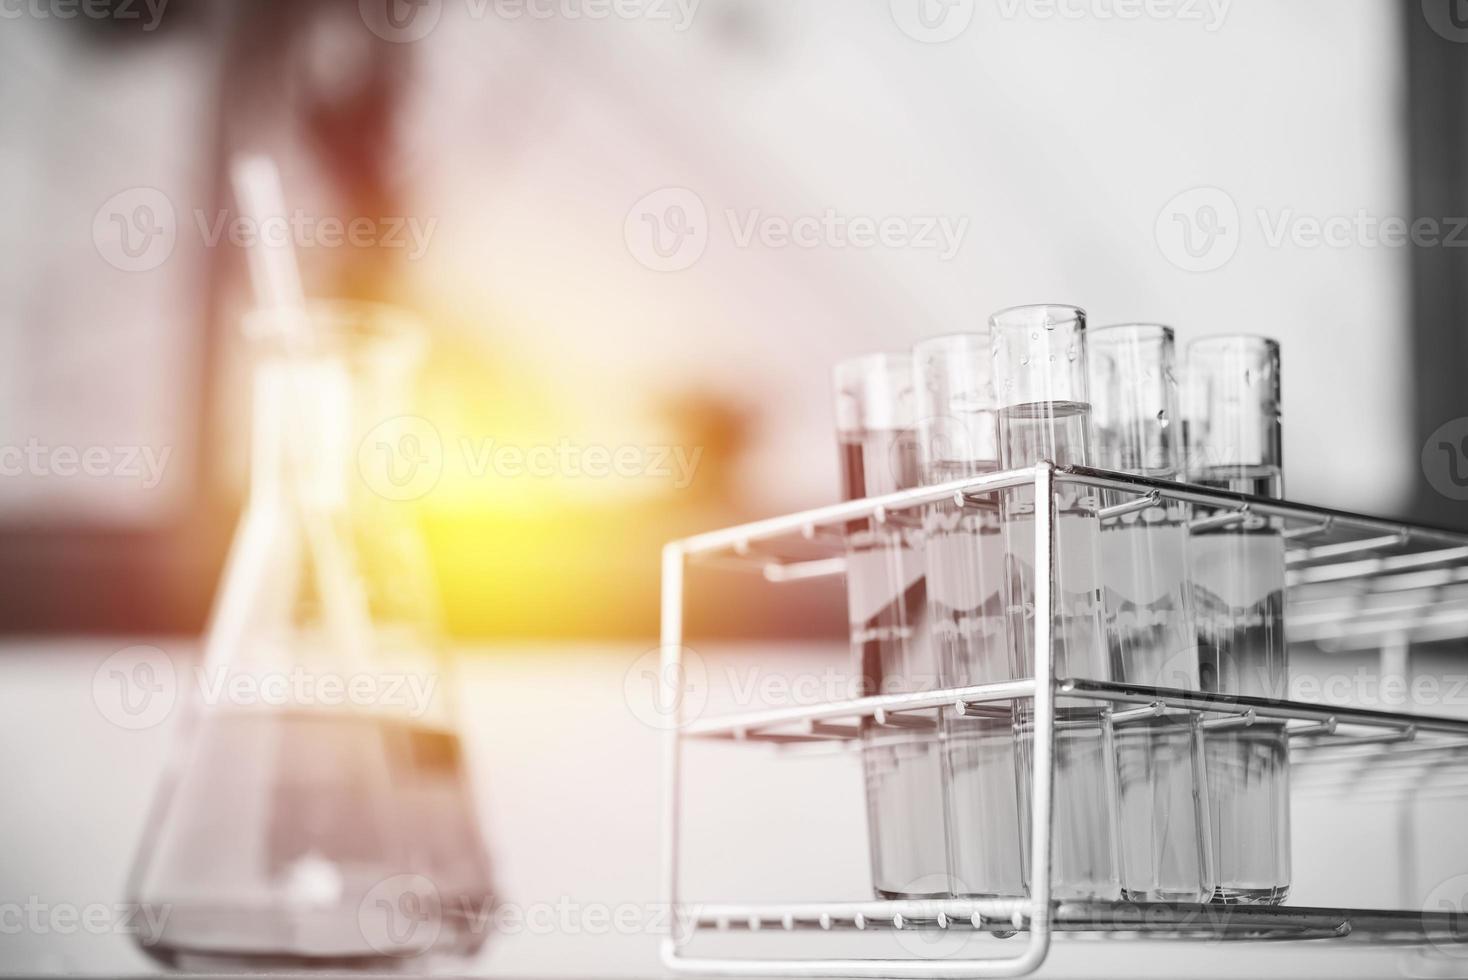 Tubos de ensayo químico de laboratorio de vidrio con líquido. focu selectivo foto